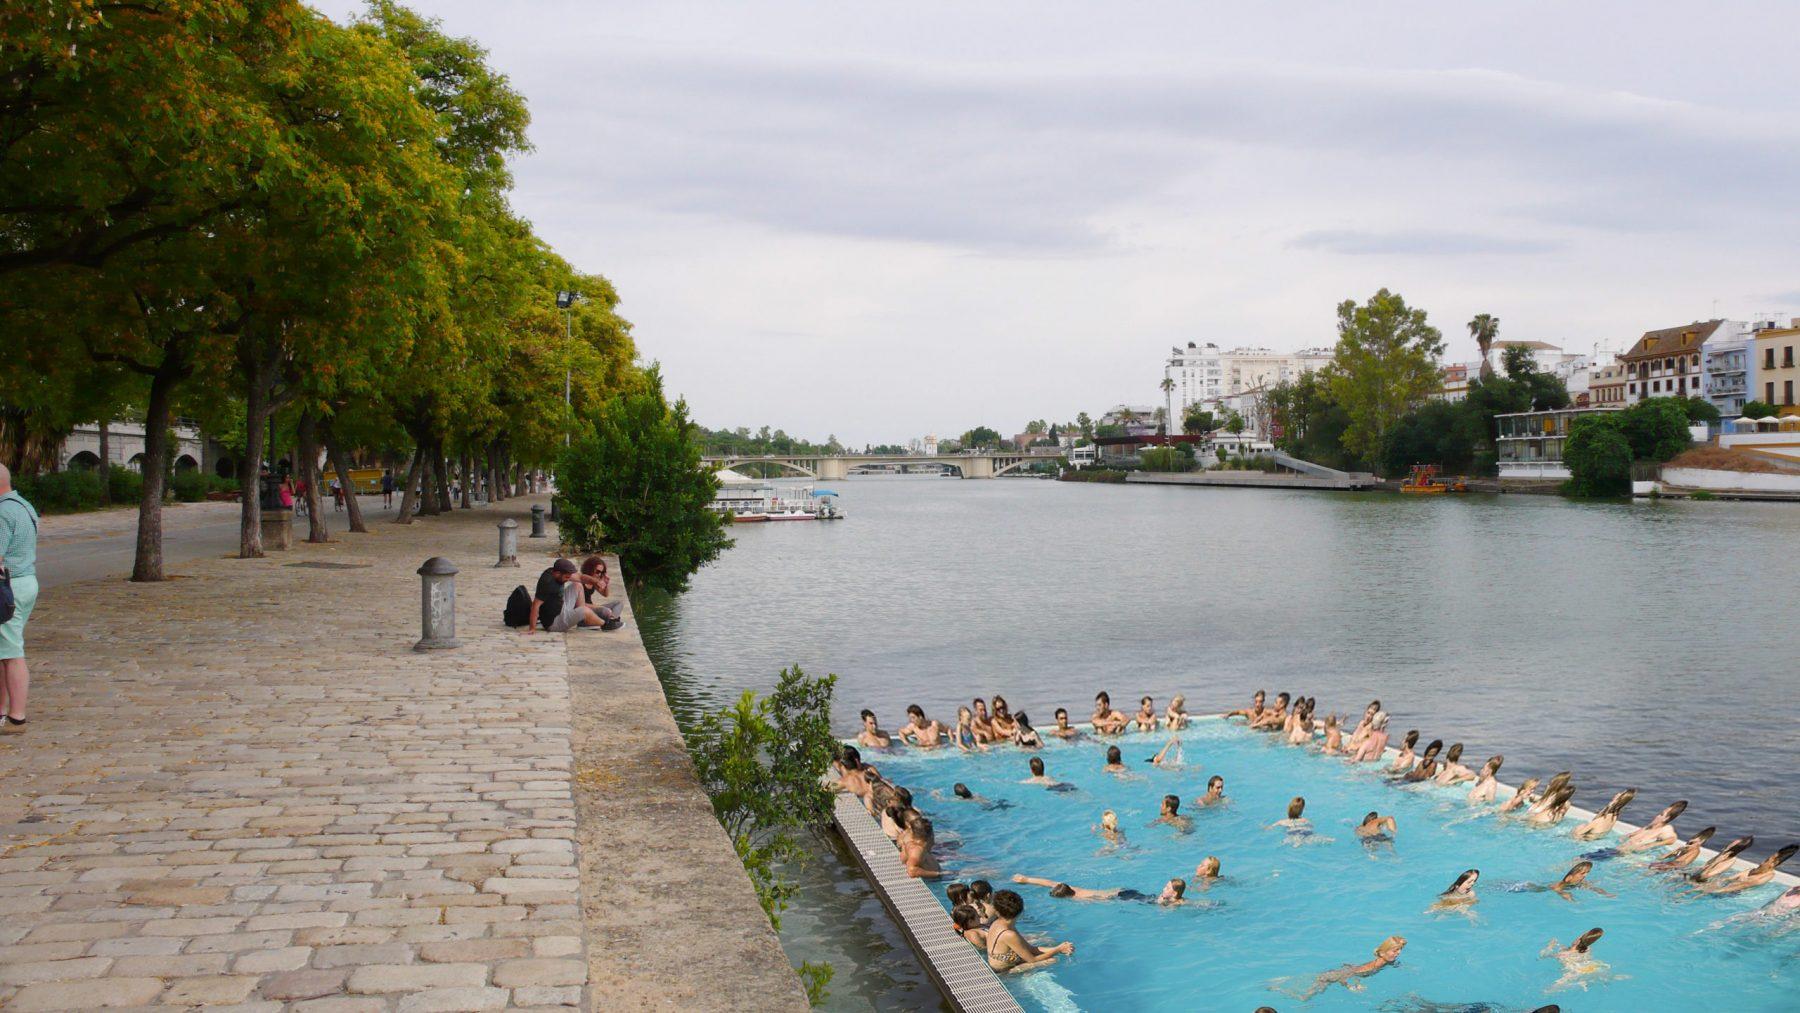 guadalquivir-sevilla-piscina3-scaled